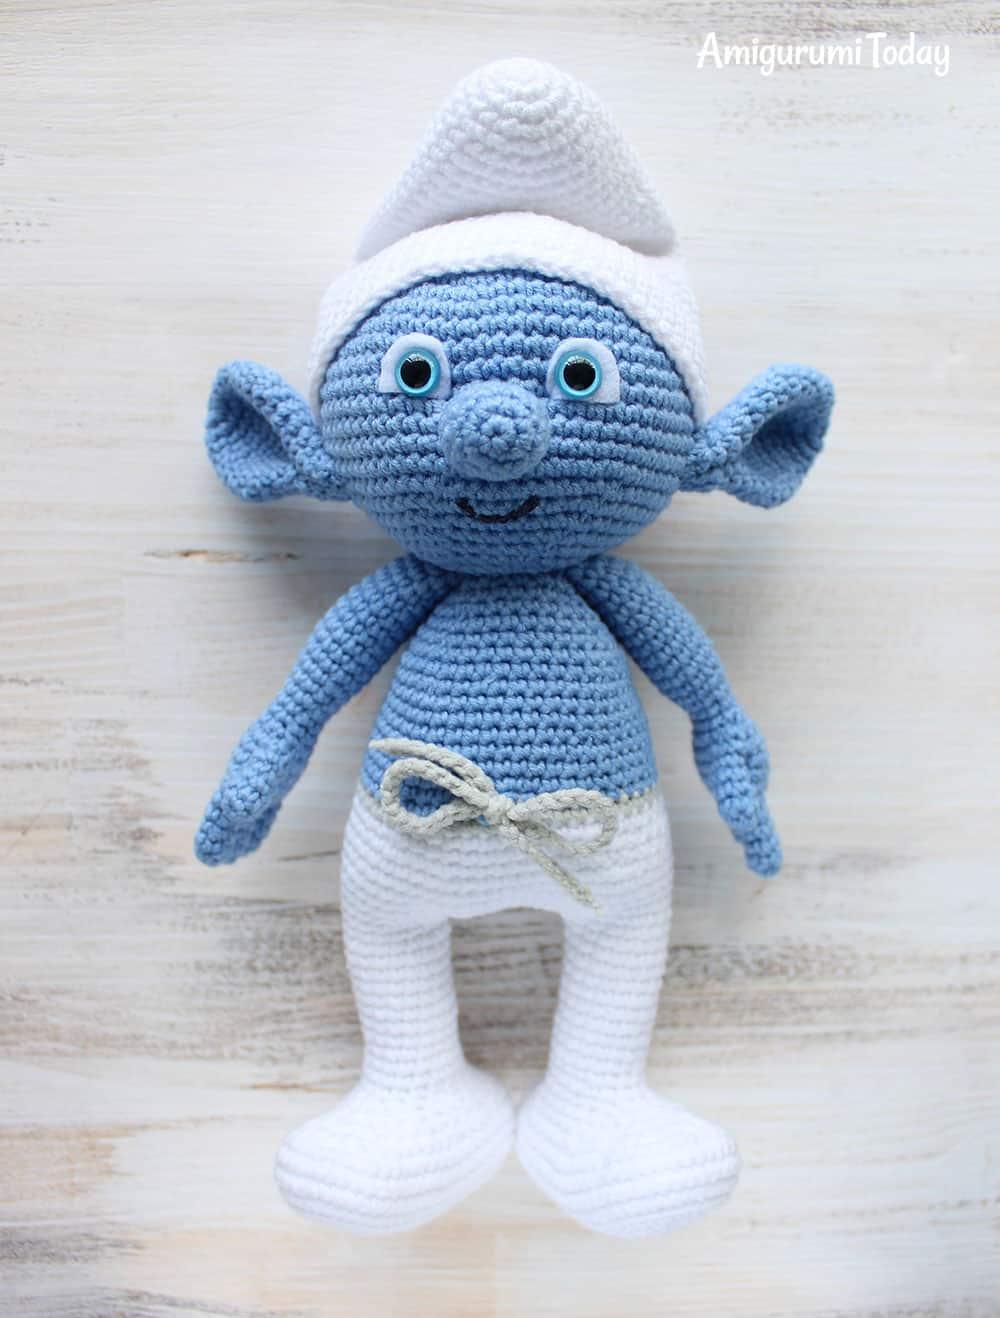 Crochet Smurf amigurumi pattern - Amigurumi Today ...